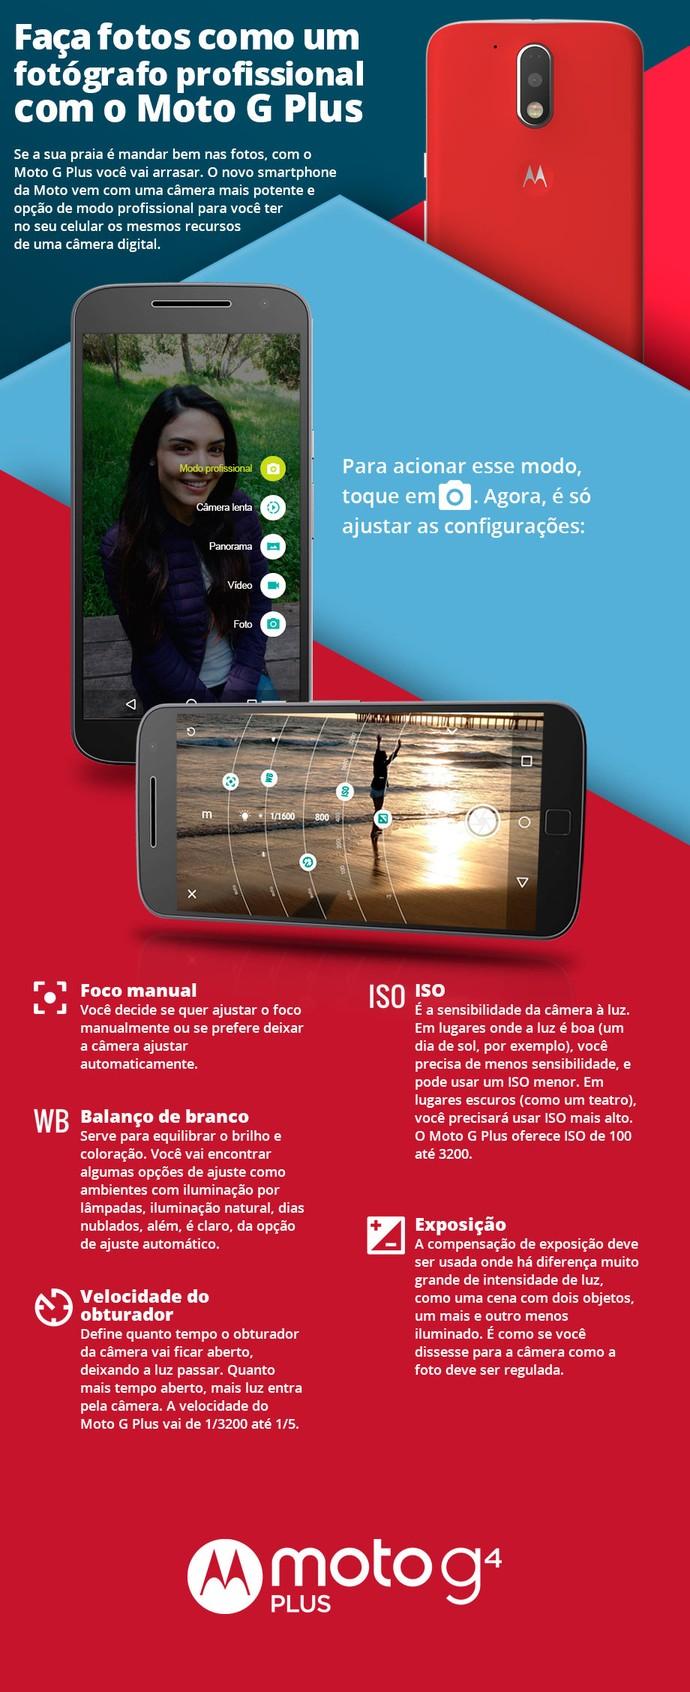 Motorola infografico 2 (Foto: Divulgação)